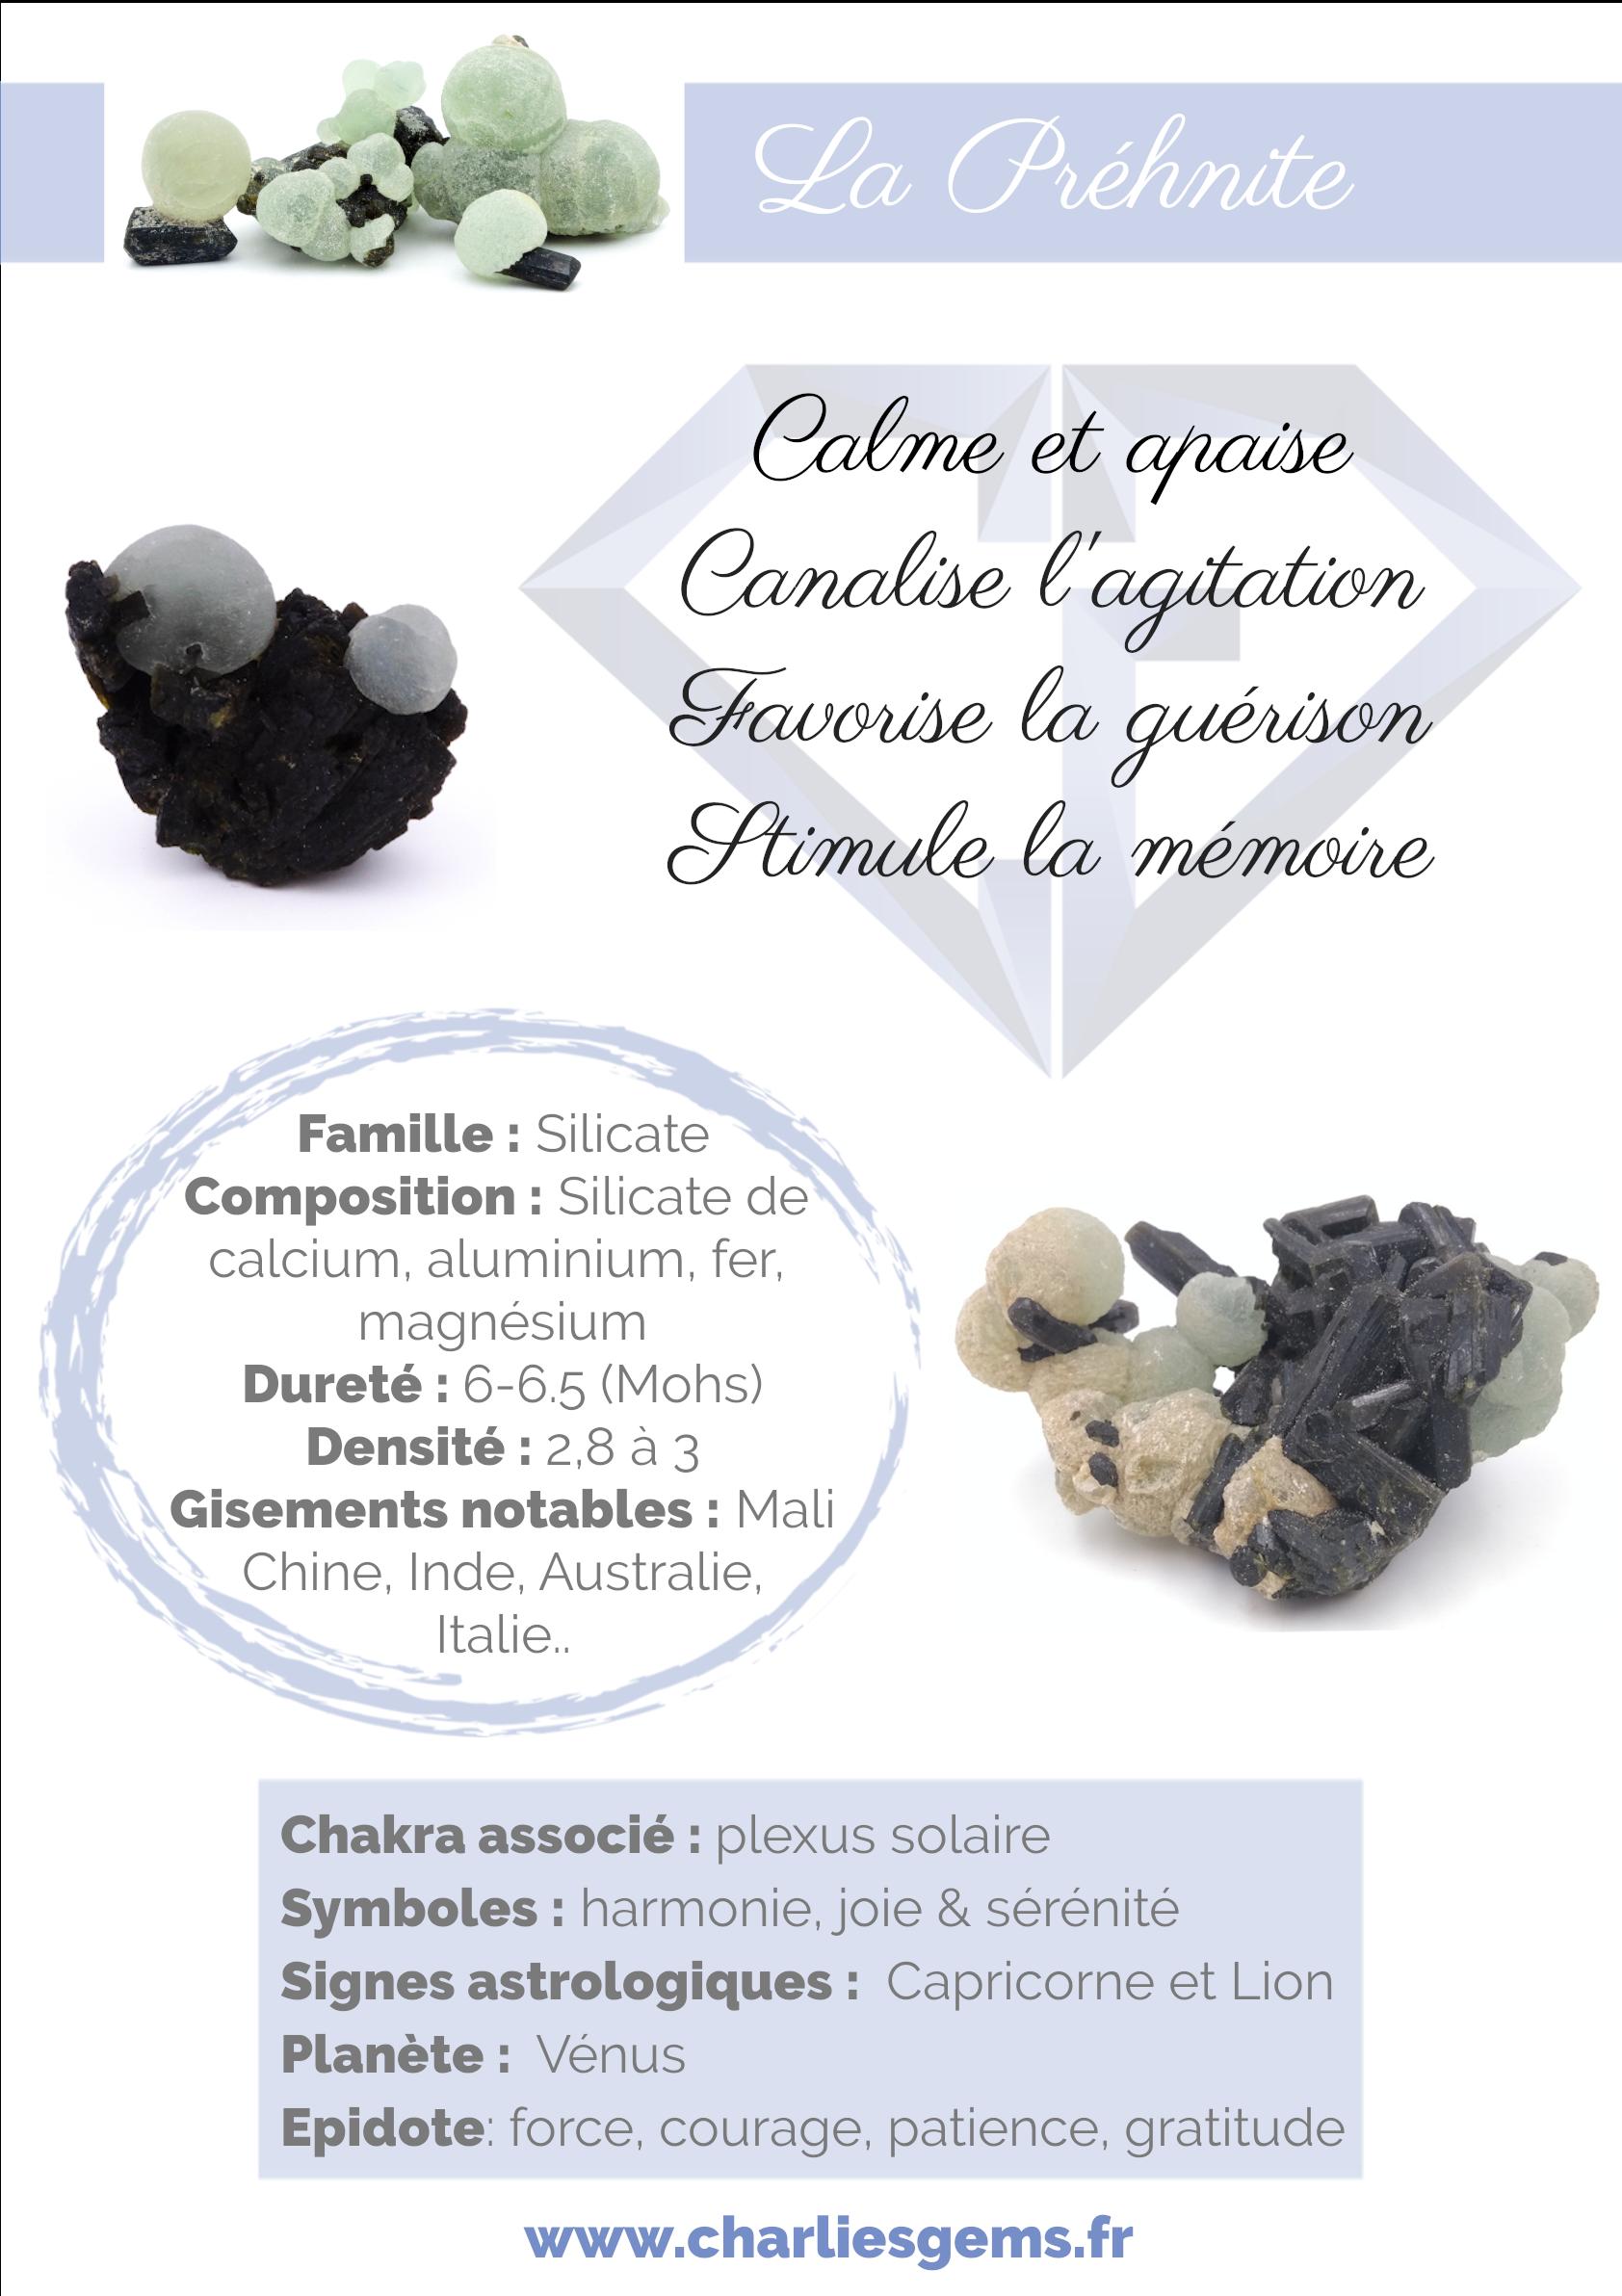 Fiche de présentation de la Prehnite (description, lithothérapie, propriétés) - By Charlie's gems